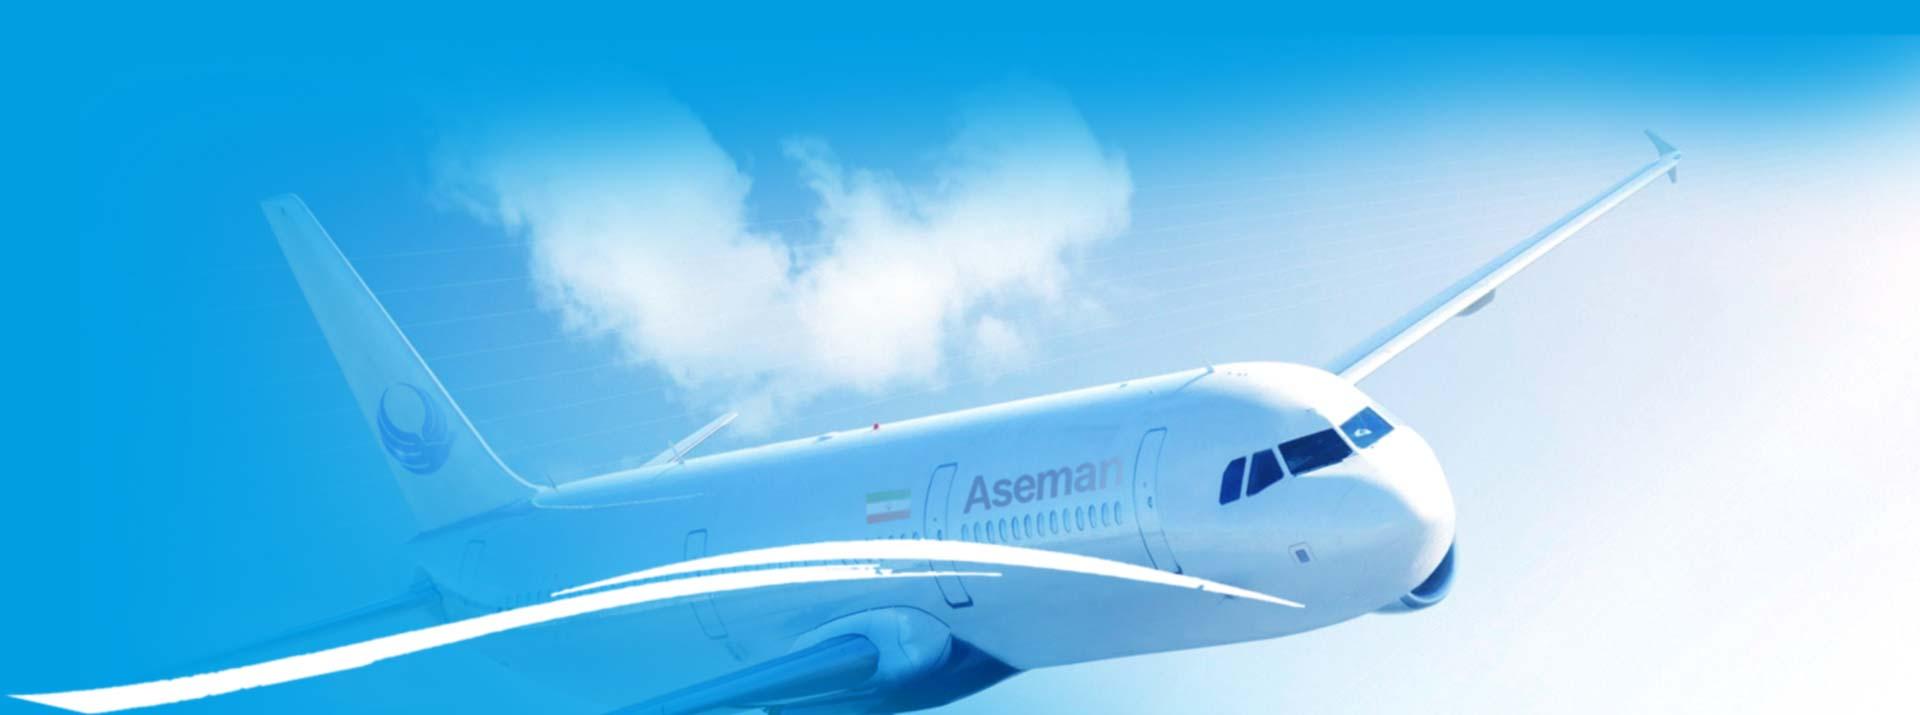 چرا رنگ هواپیما سفید هست + فیلم